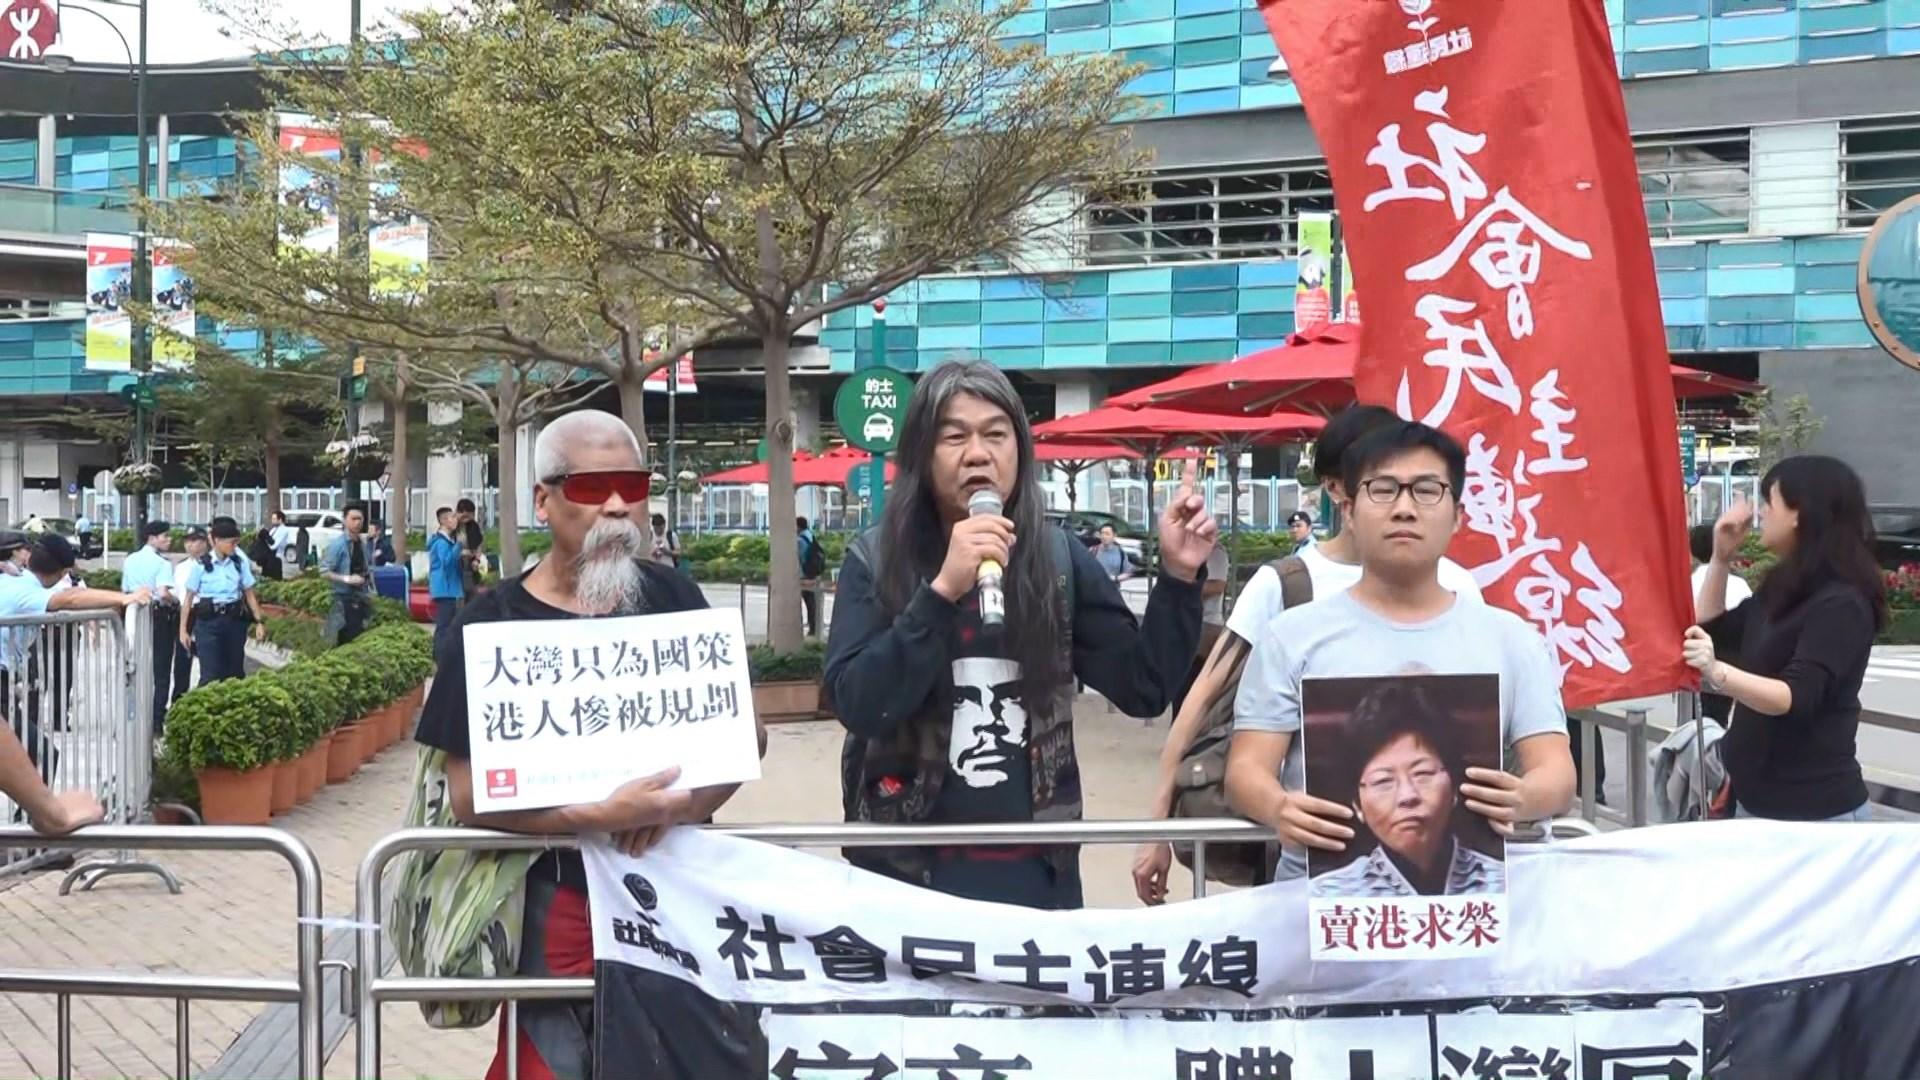 社民連示威批大灣區規劃勞民傷財